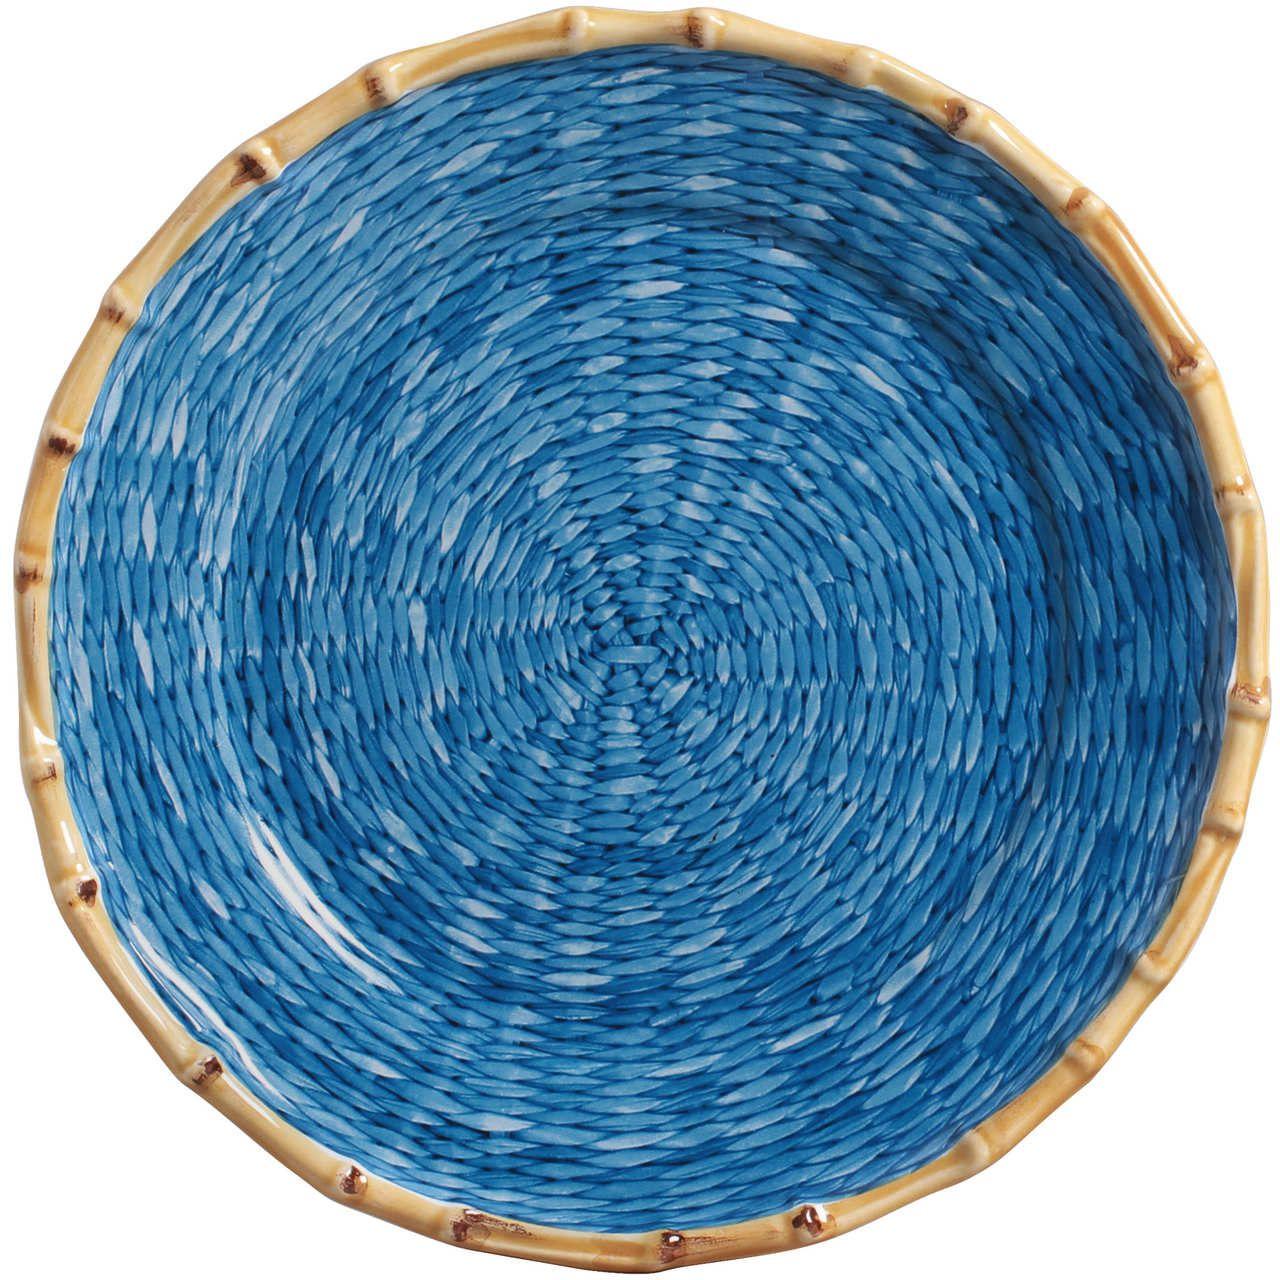 Prato Raso Corda Fina Azul (06 Unidades) Cód.: 6215 - MB